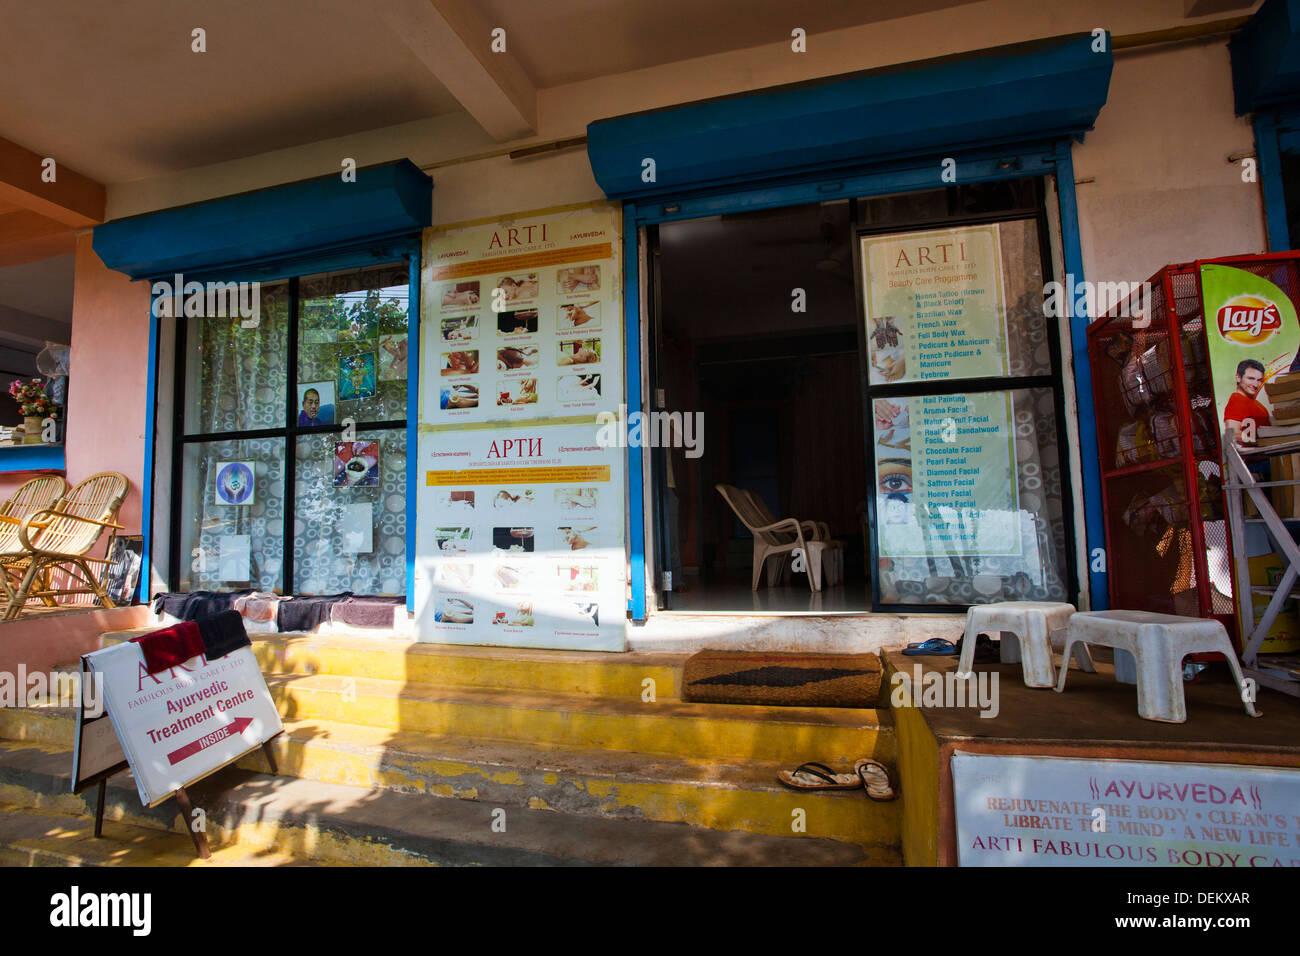 Il centro termale, Arti favolosa cura del corpo, Arambol, Goa nord, Goa, India Immagini Stock